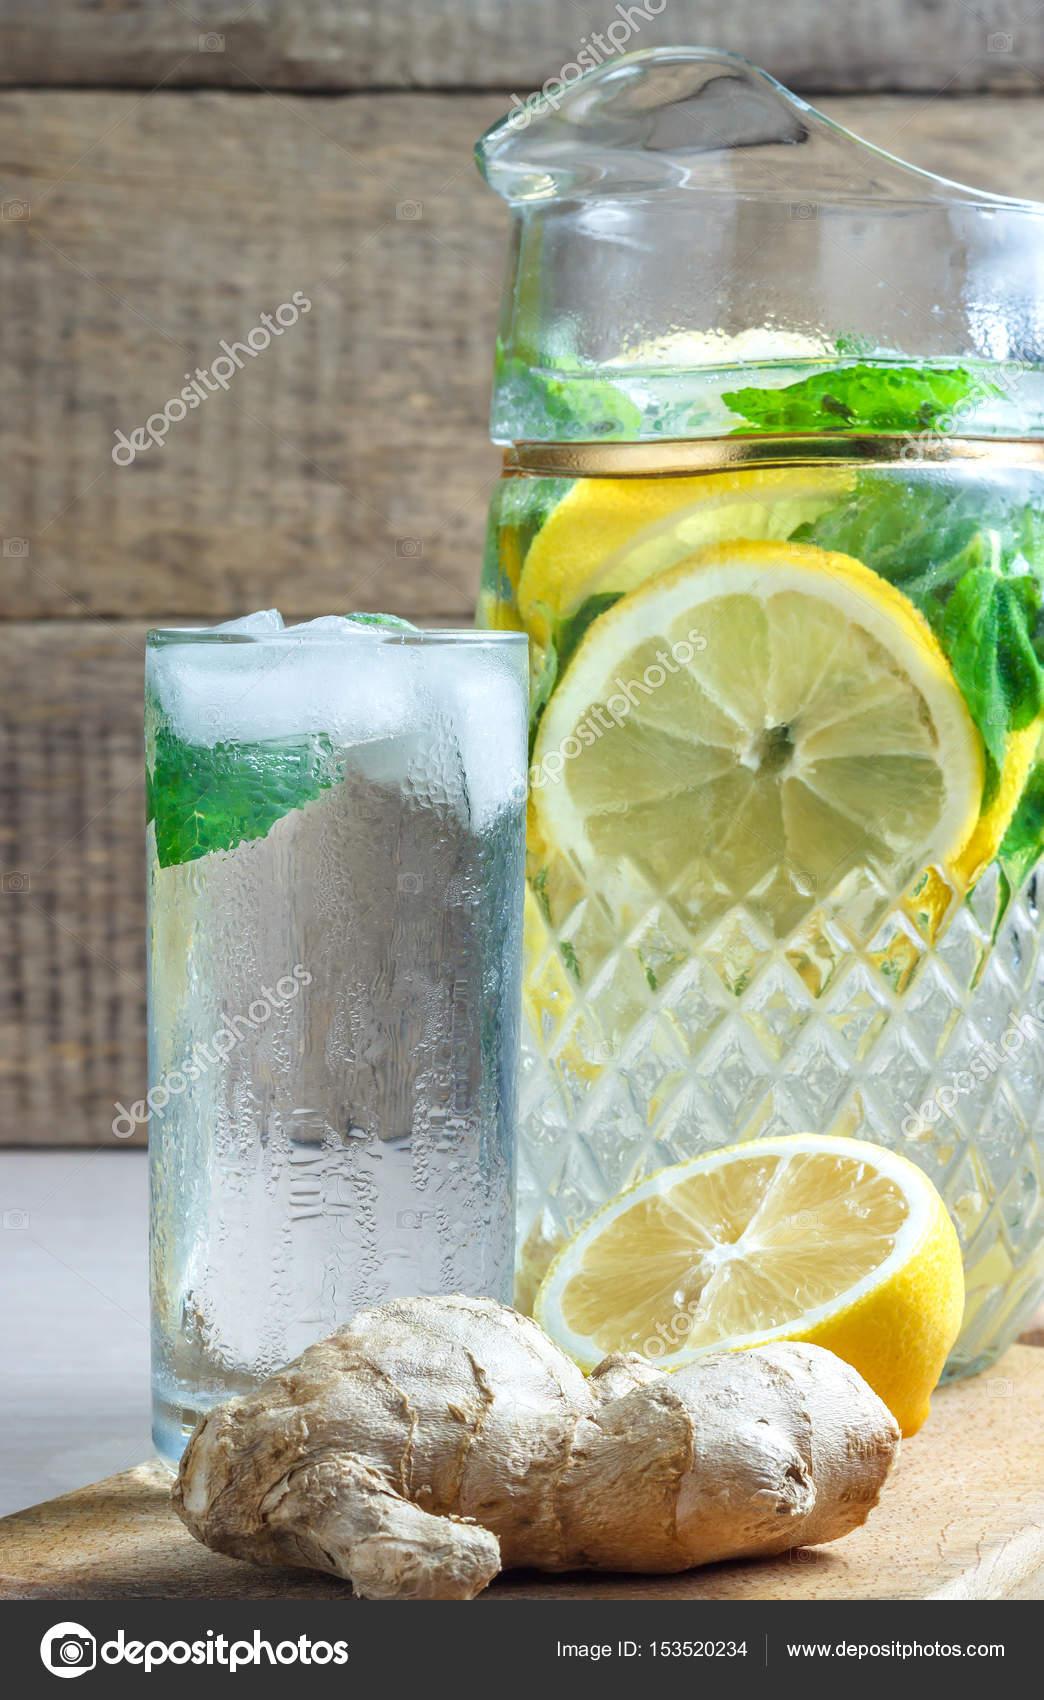 di te boissons jus citron concombre menthe gingembre glace sant minceur vitamines. Black Bedroom Furniture Sets. Home Design Ideas